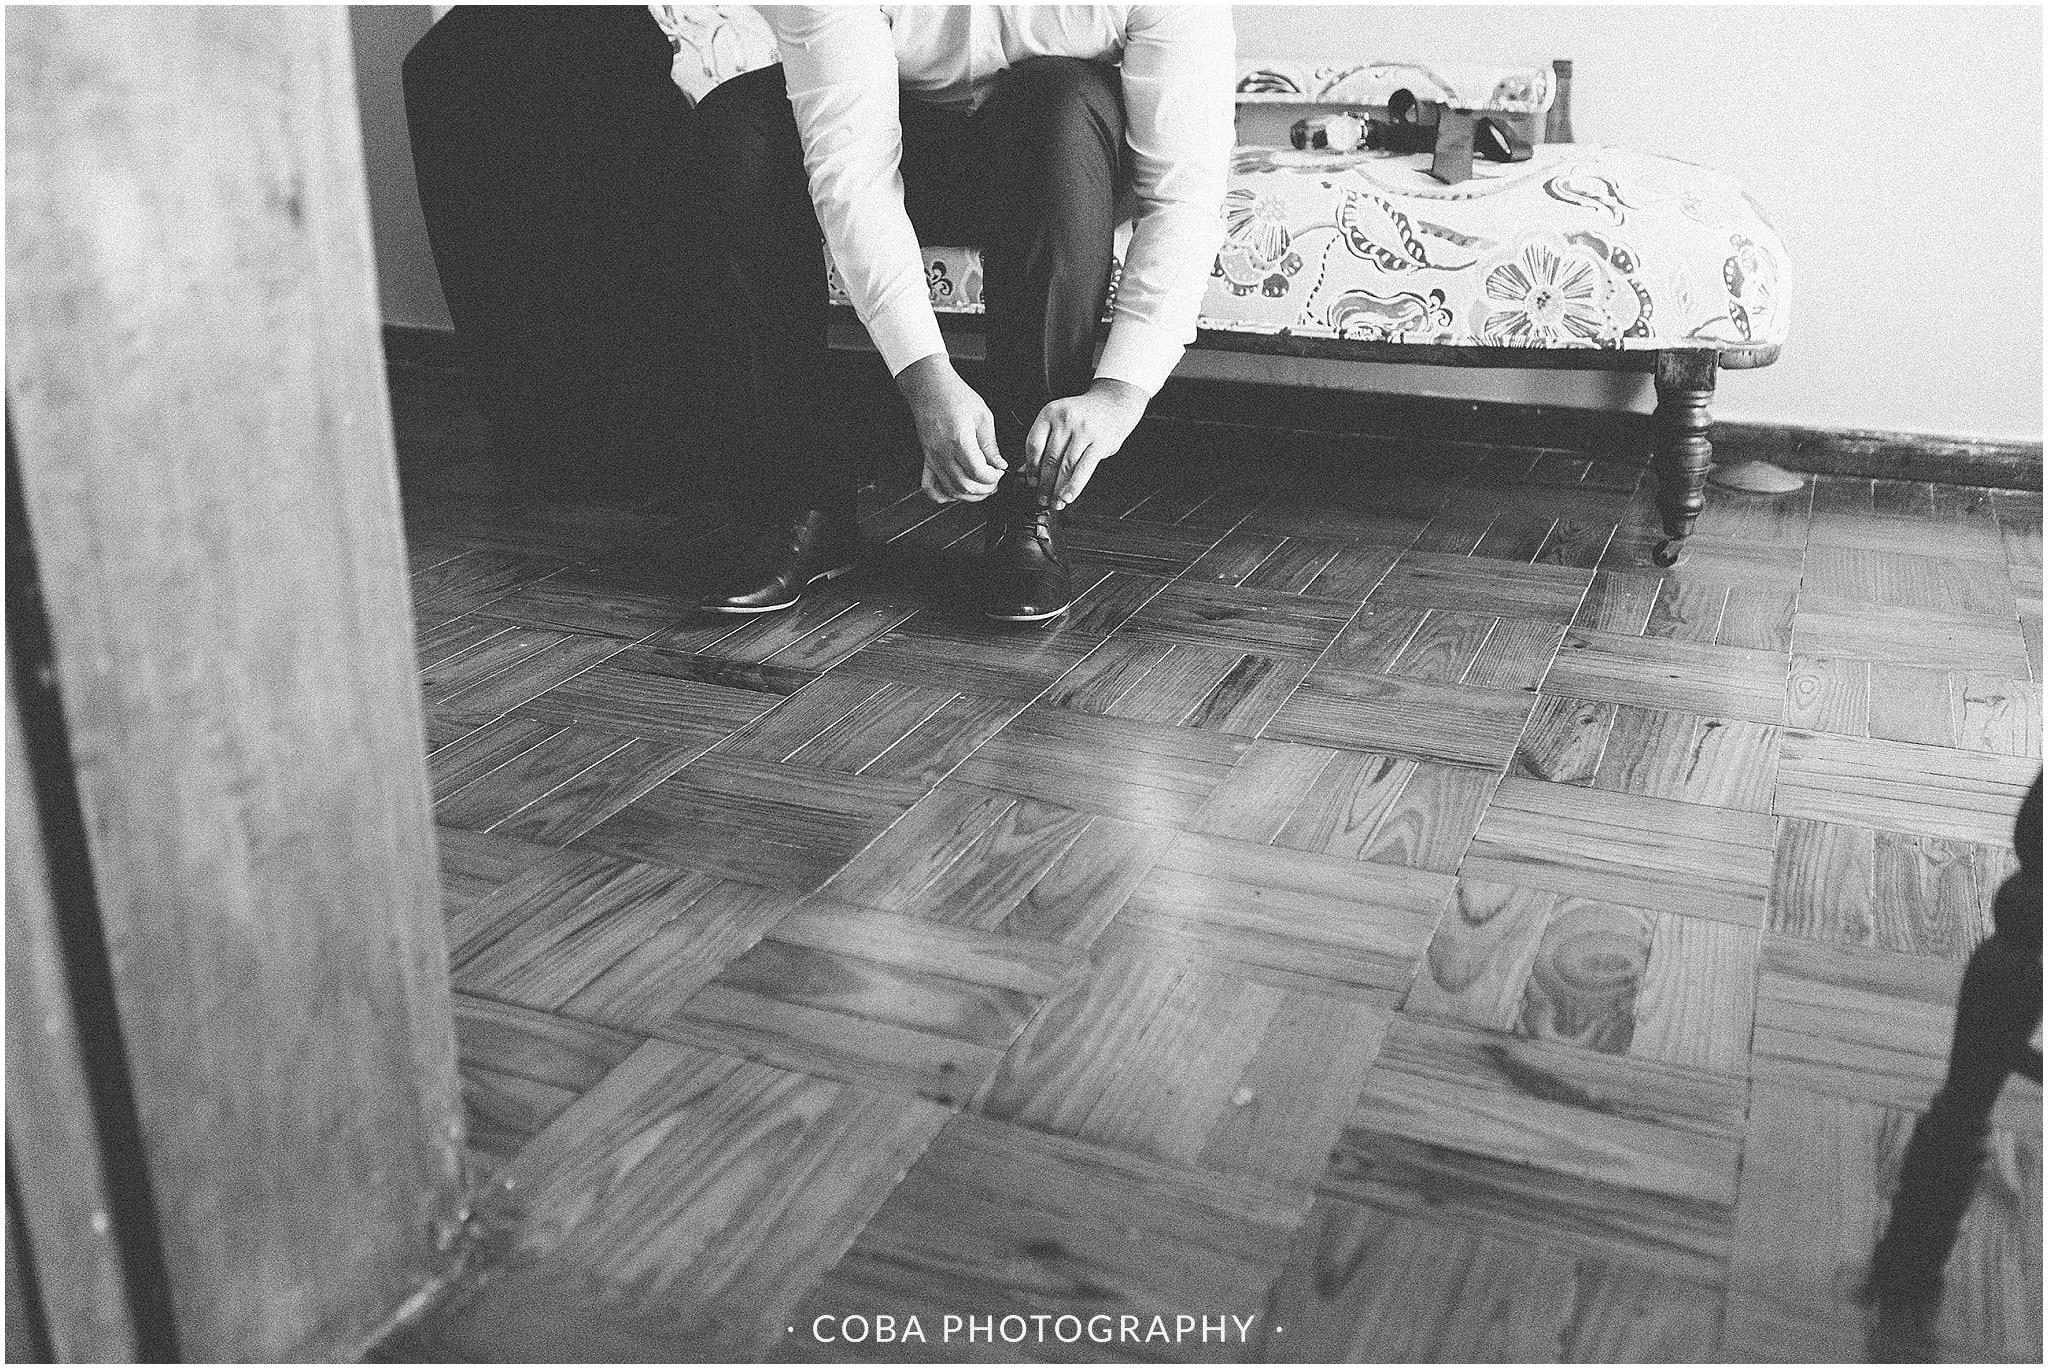 Wilman & Comien - Groot Constantia - Coba  Photography (11)